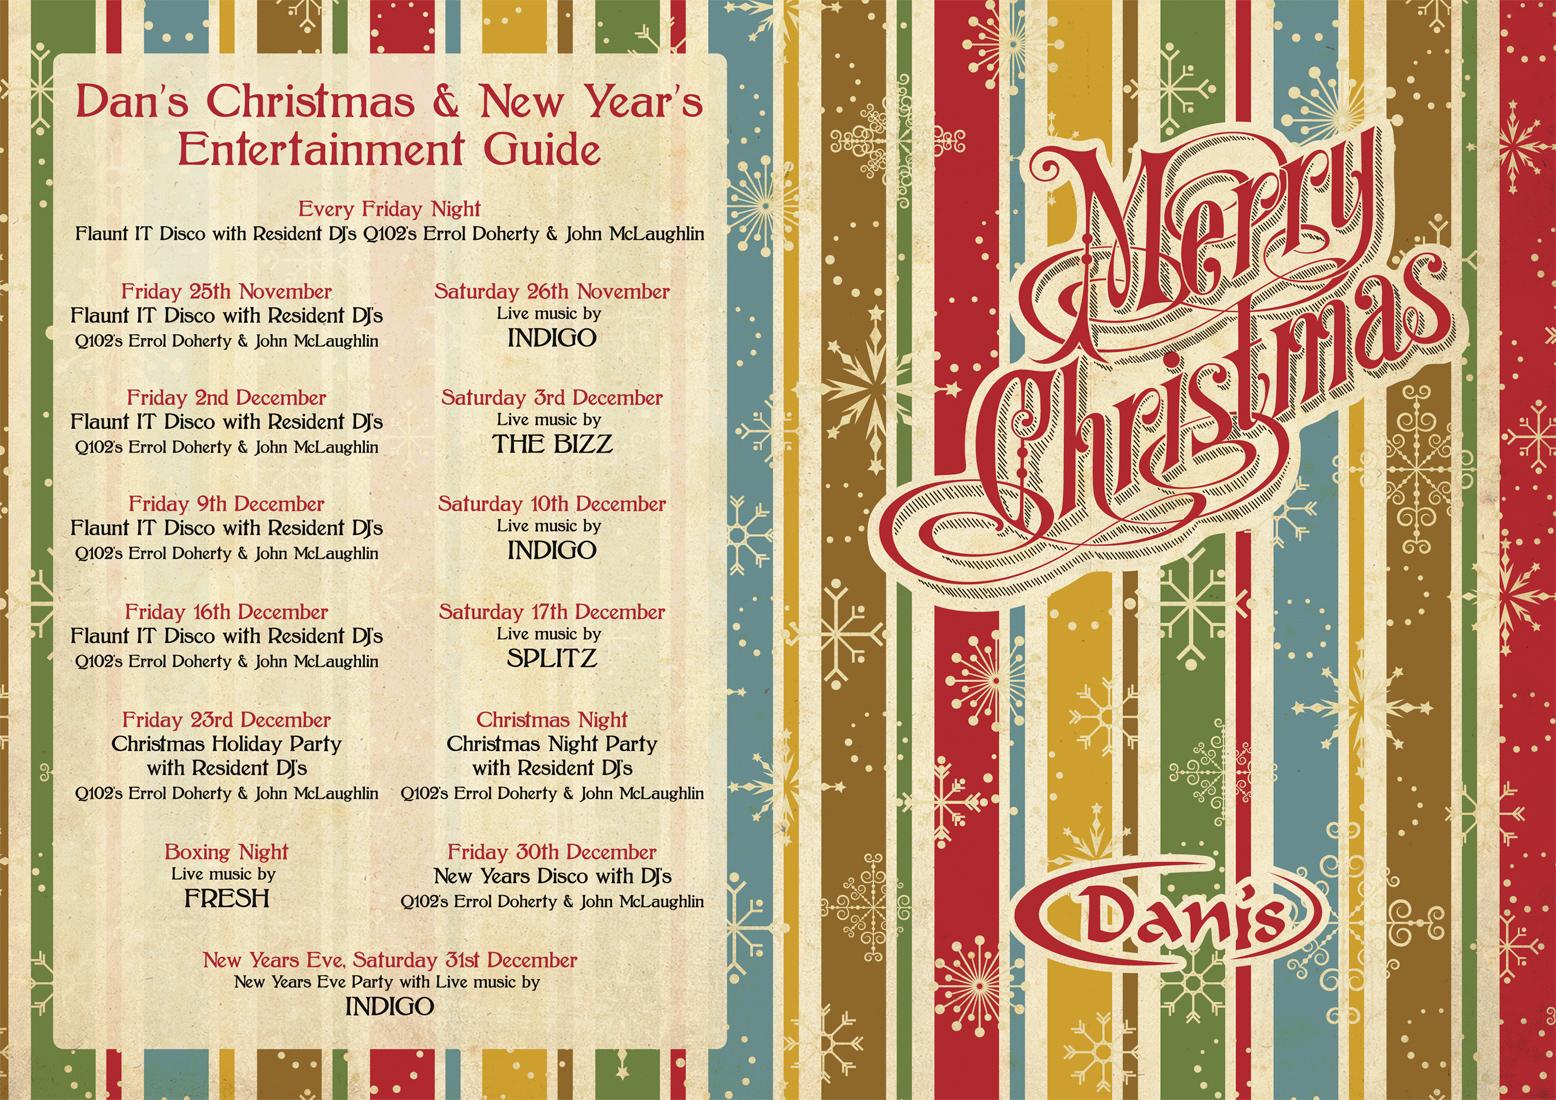 Retro Menu Design | Retro Christmas Design | Vintage Retro Graphic